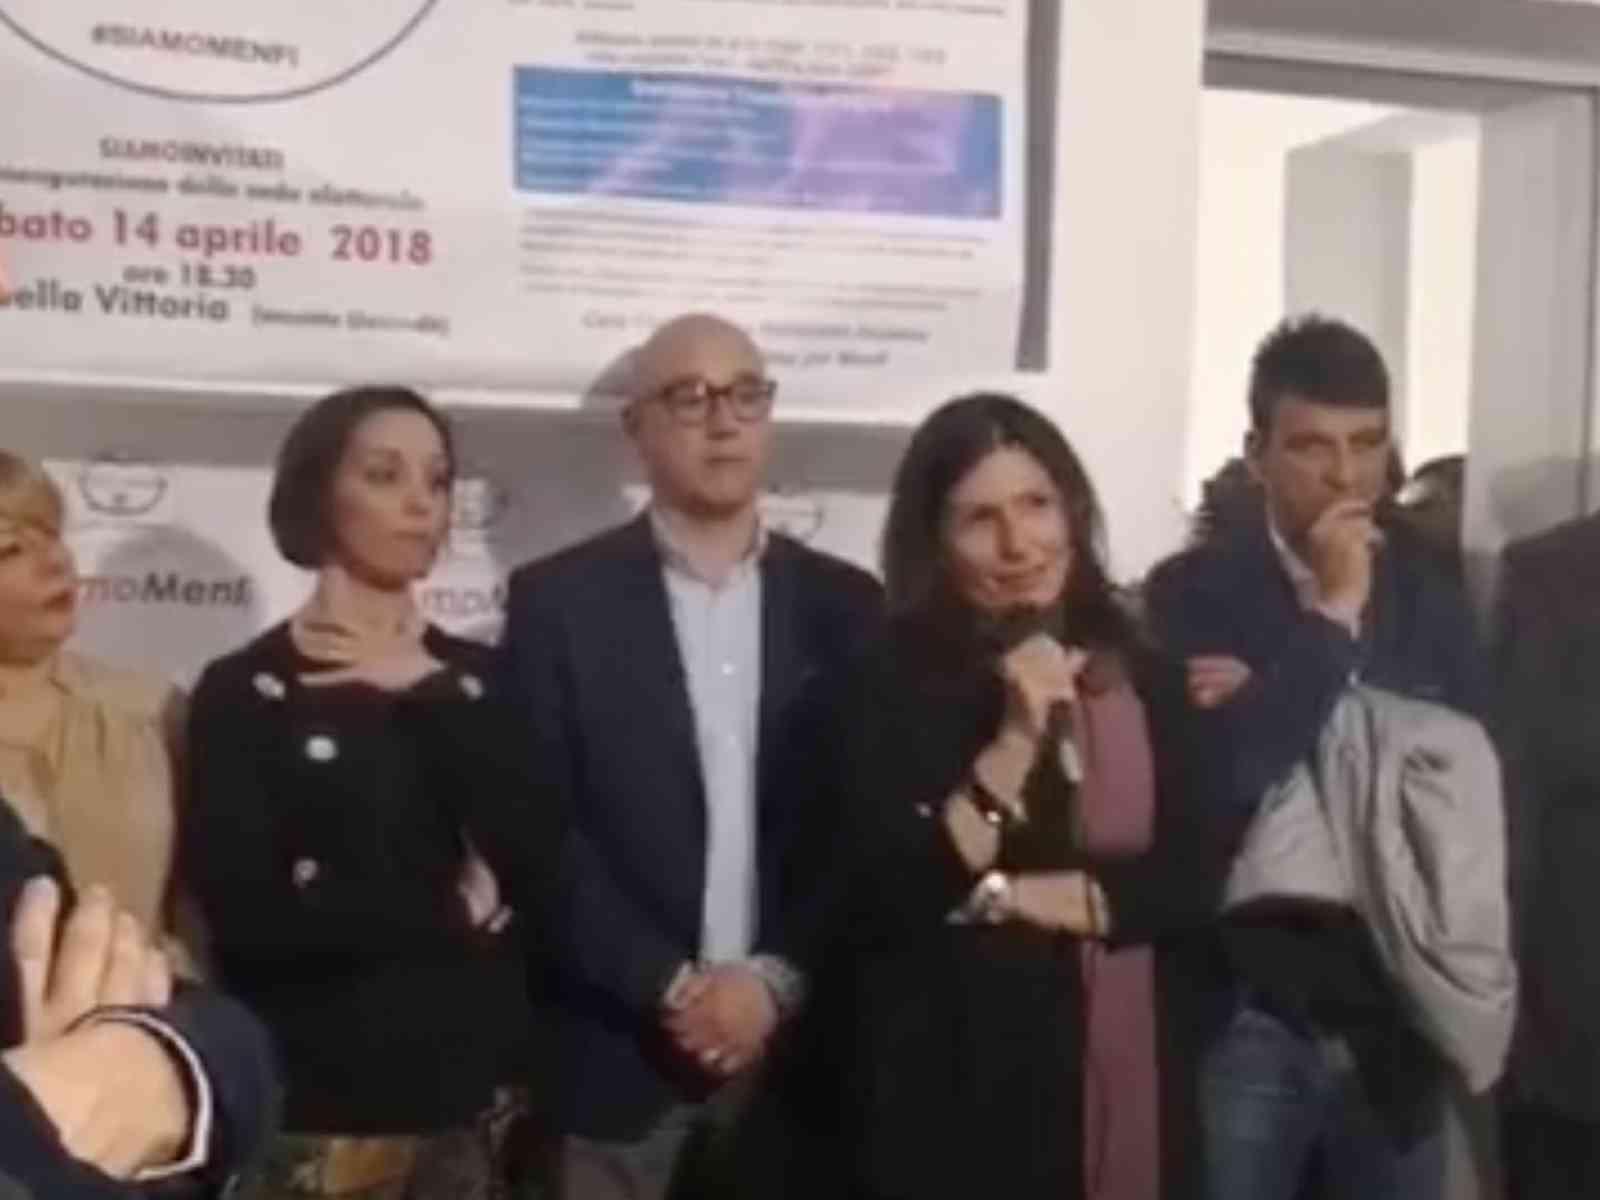 Immagine articolo: Comunali Menfi. #SiamoMenfi ufficializza il proprio candidato a sindaco: Marilena Mauceri